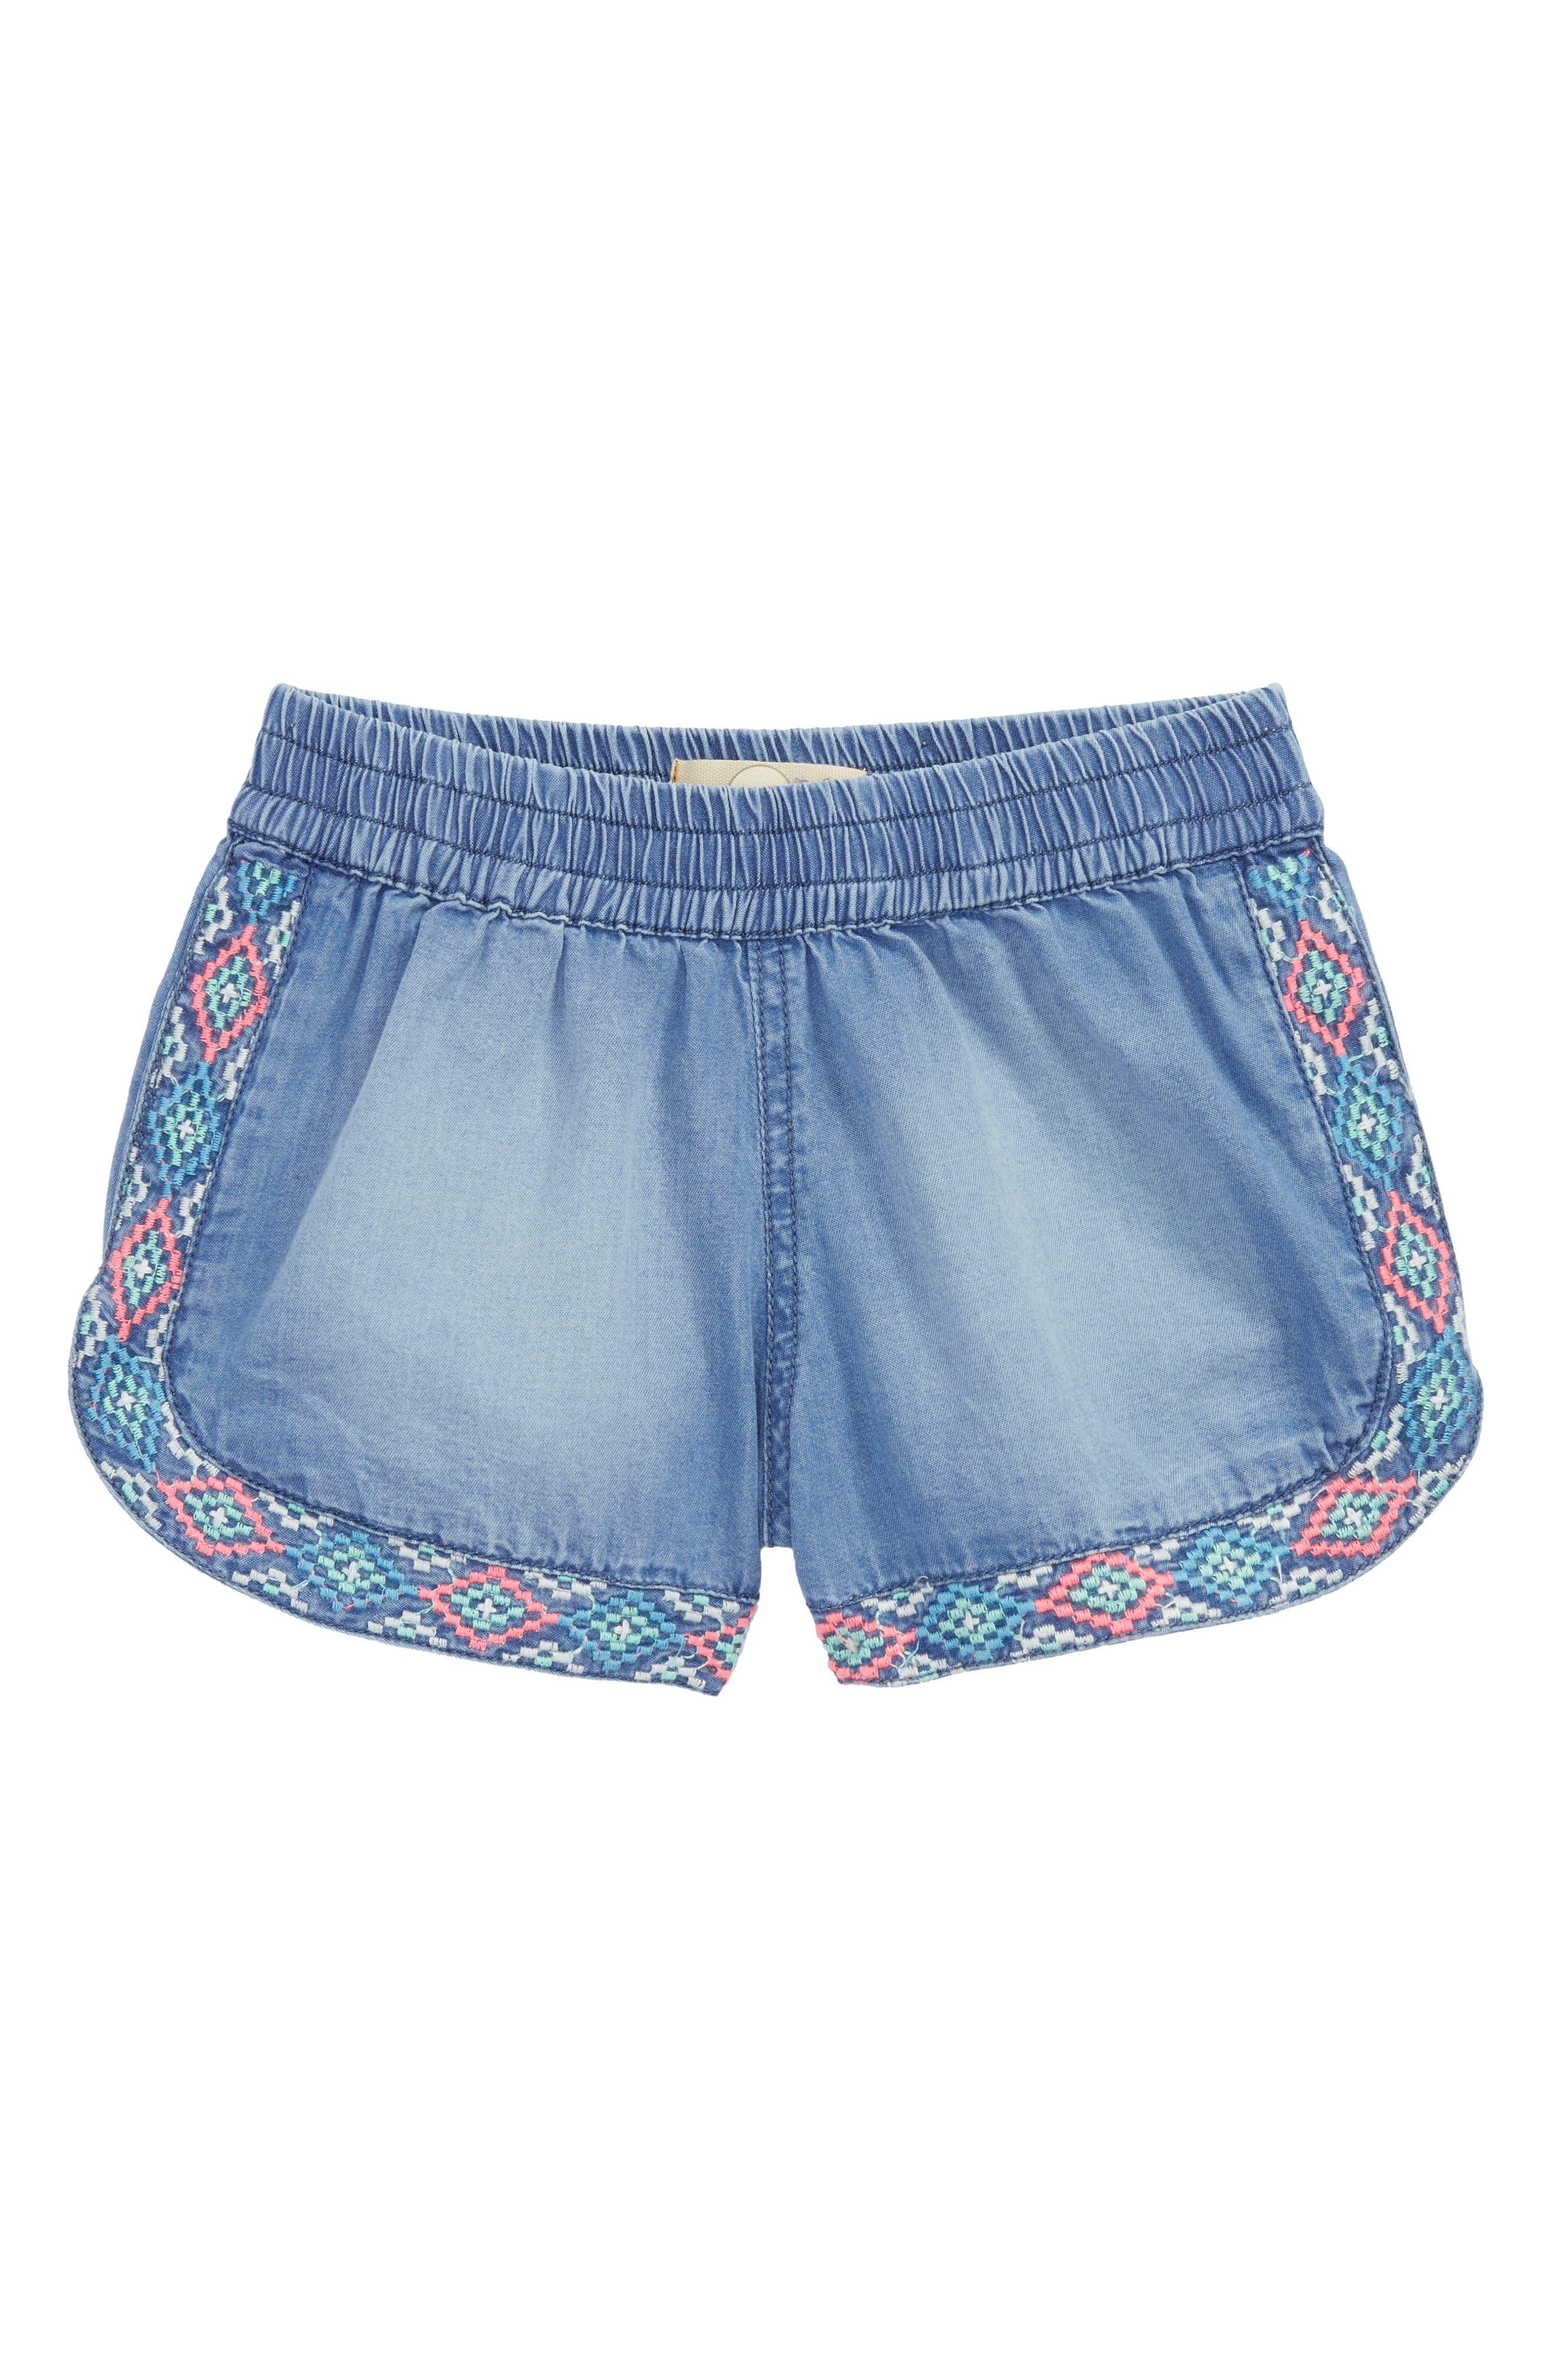 Peek Maria Chambray Shorts (Toddler Girls, Little Girls & Big Girls)